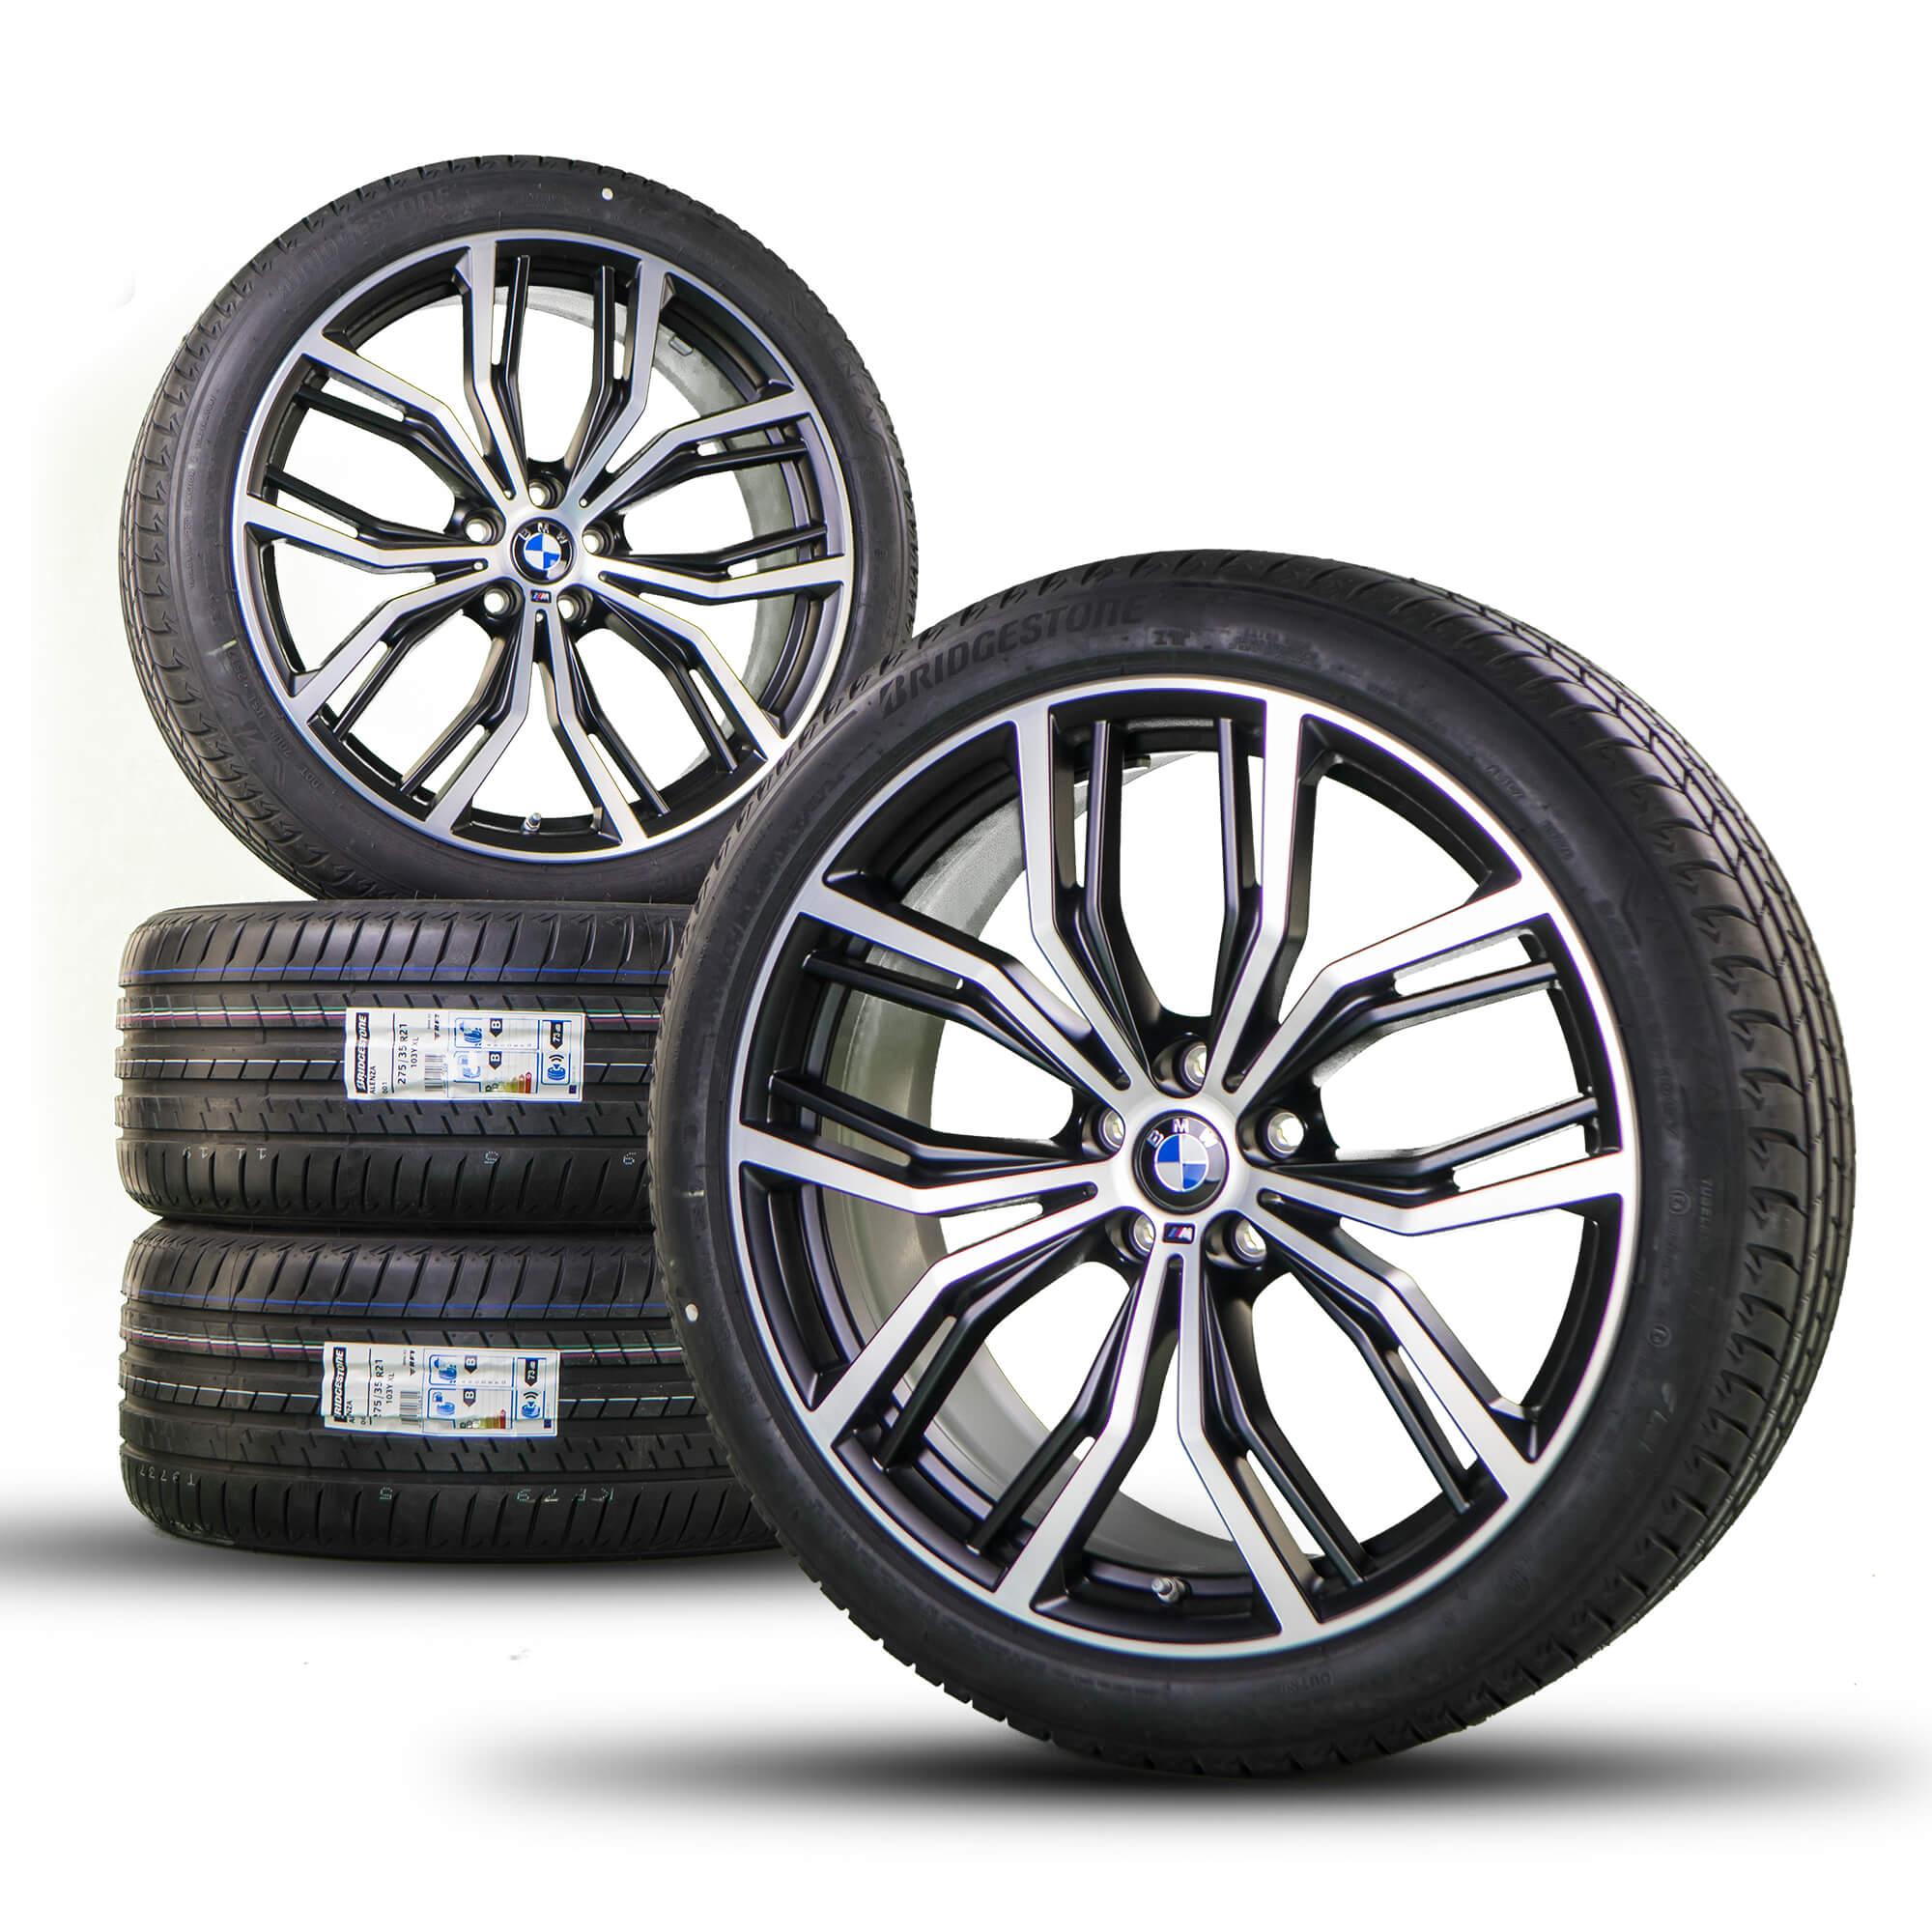 Bmw X3 G01 X4 G02 21 Inch Alloy Wheels Rims Summer Tires Styling